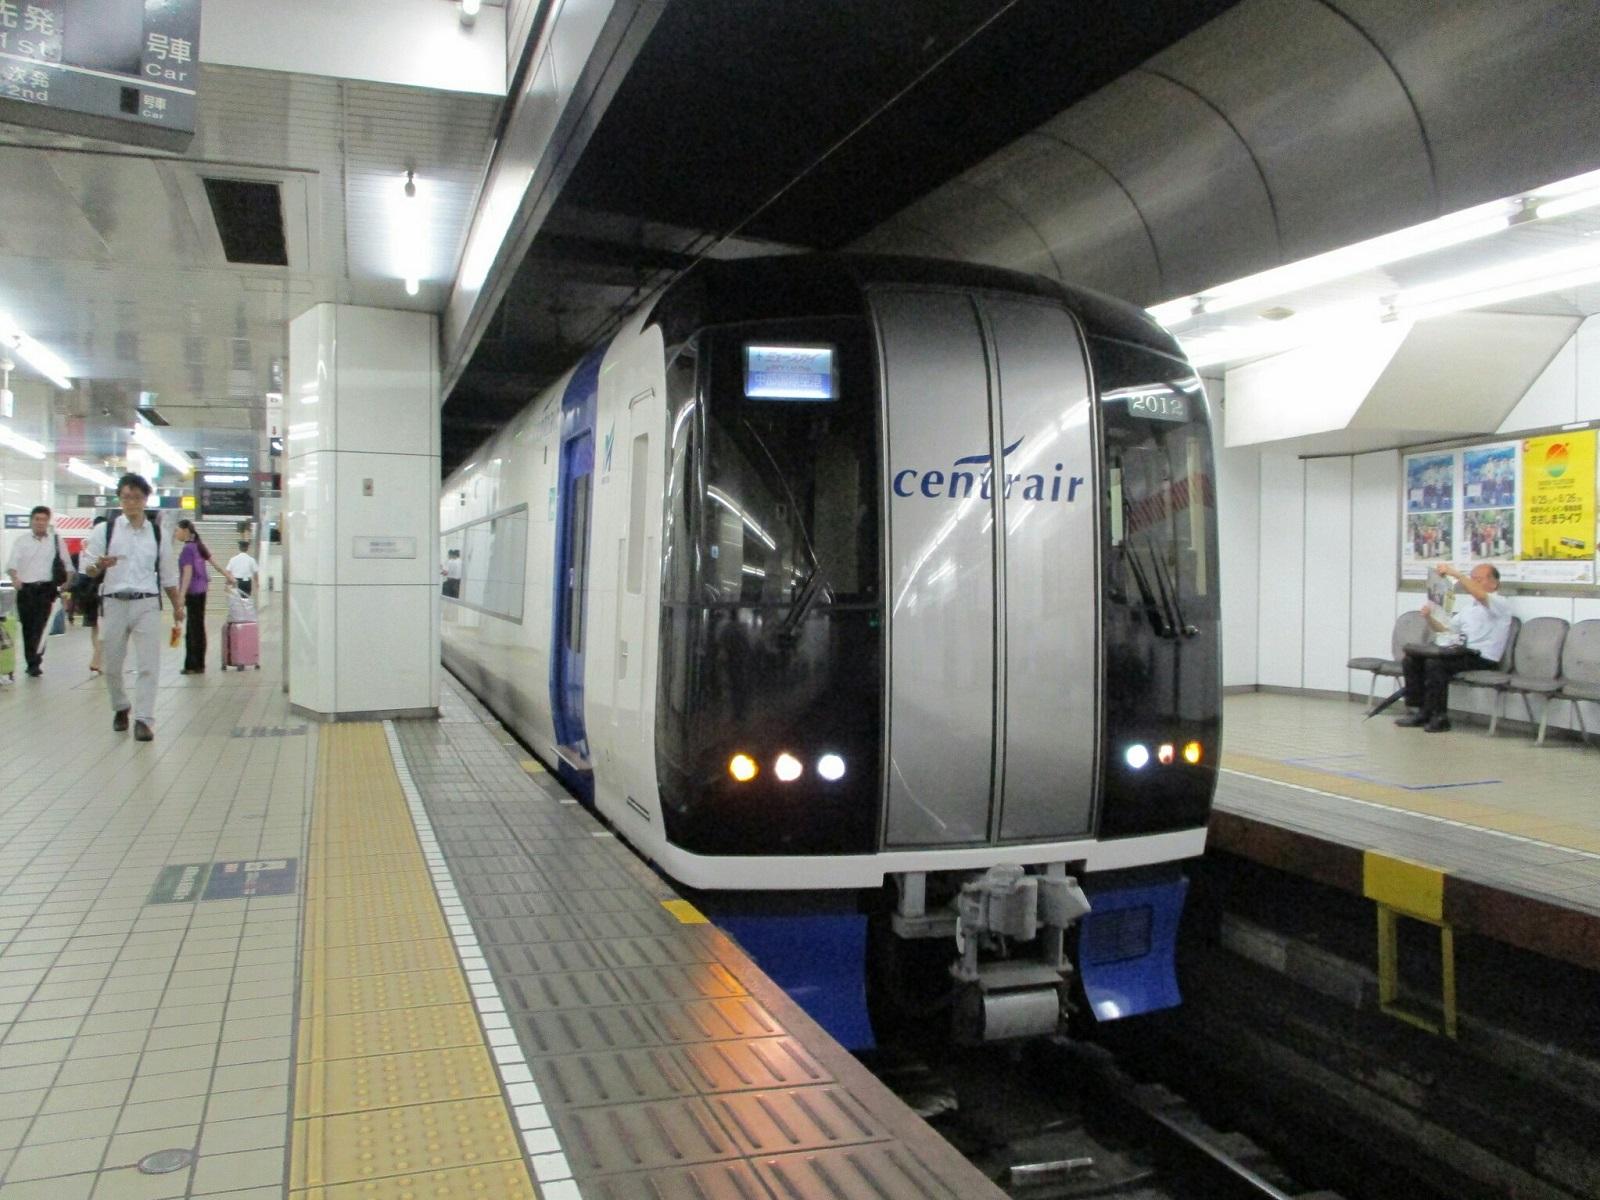 2018.8.23 (8) 名古屋 - セントレアいきミュースカイ 1600-1200